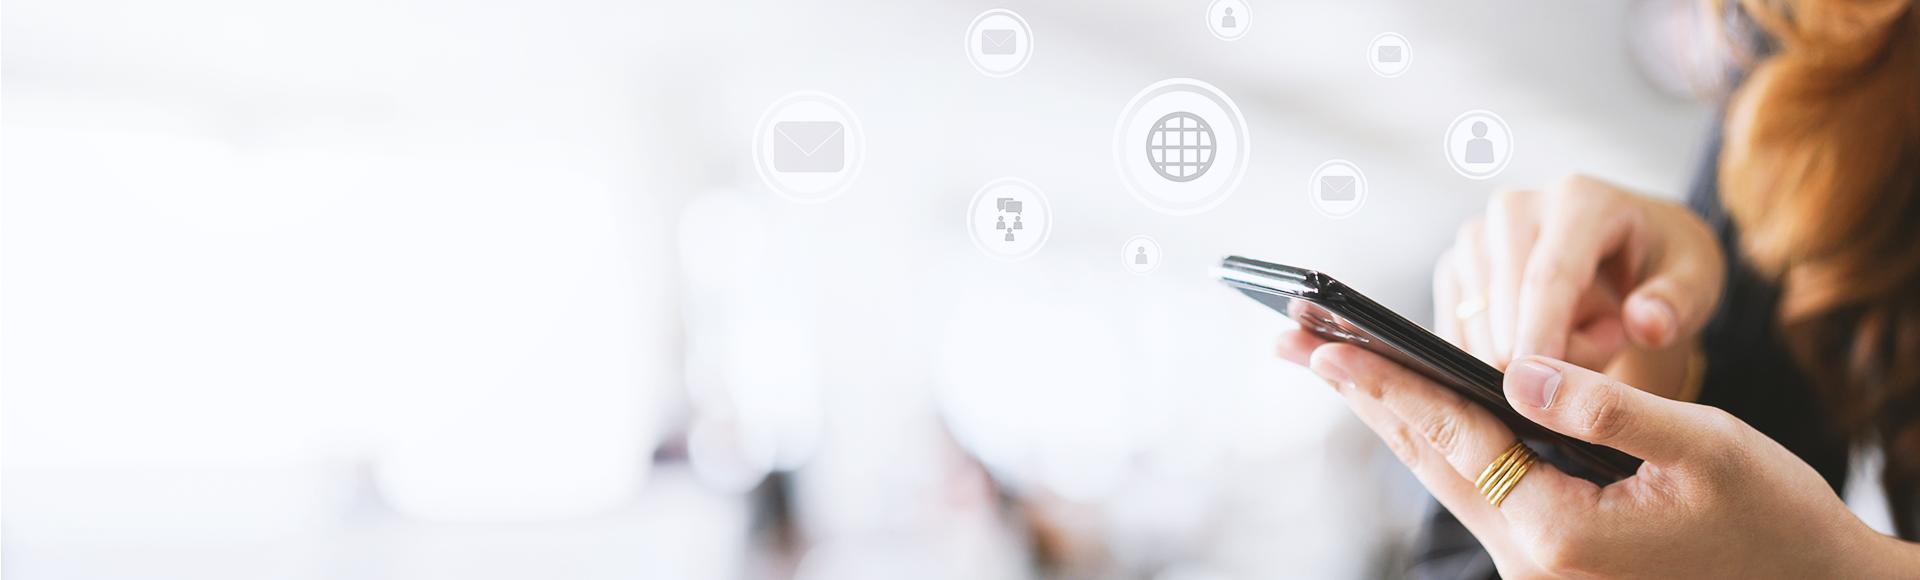 Darstellung zu Live-Chat und Kunden-Messaging